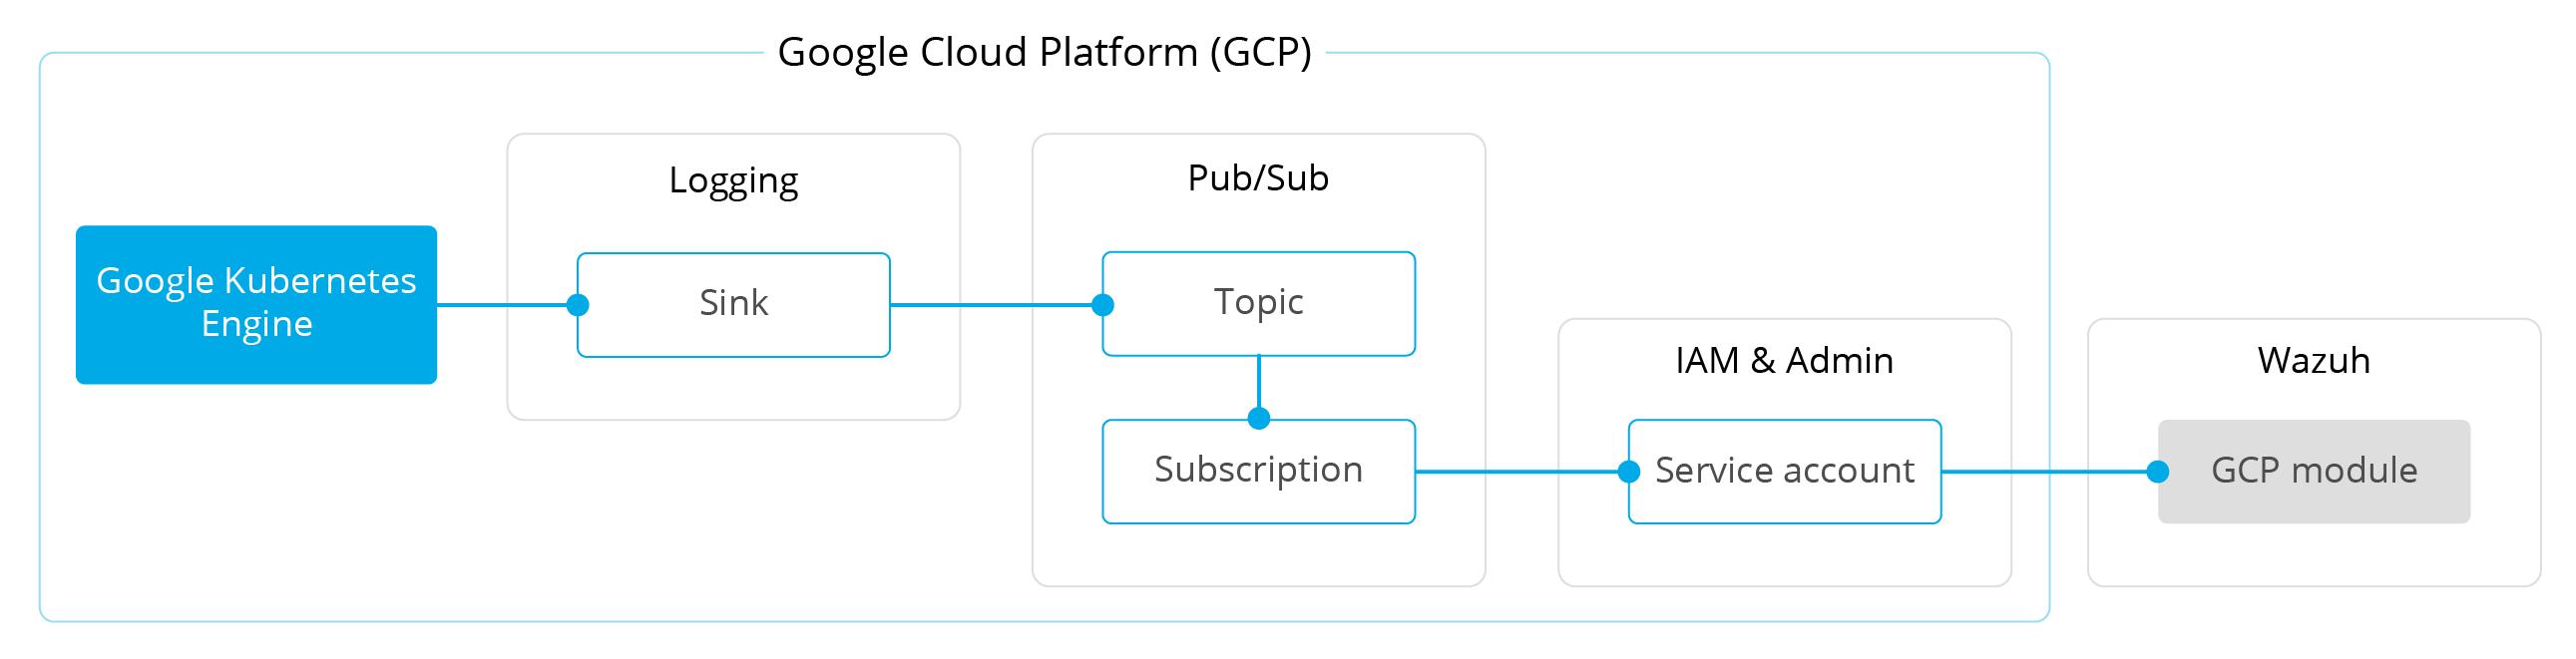 Google Cloud to Wazuh data flow